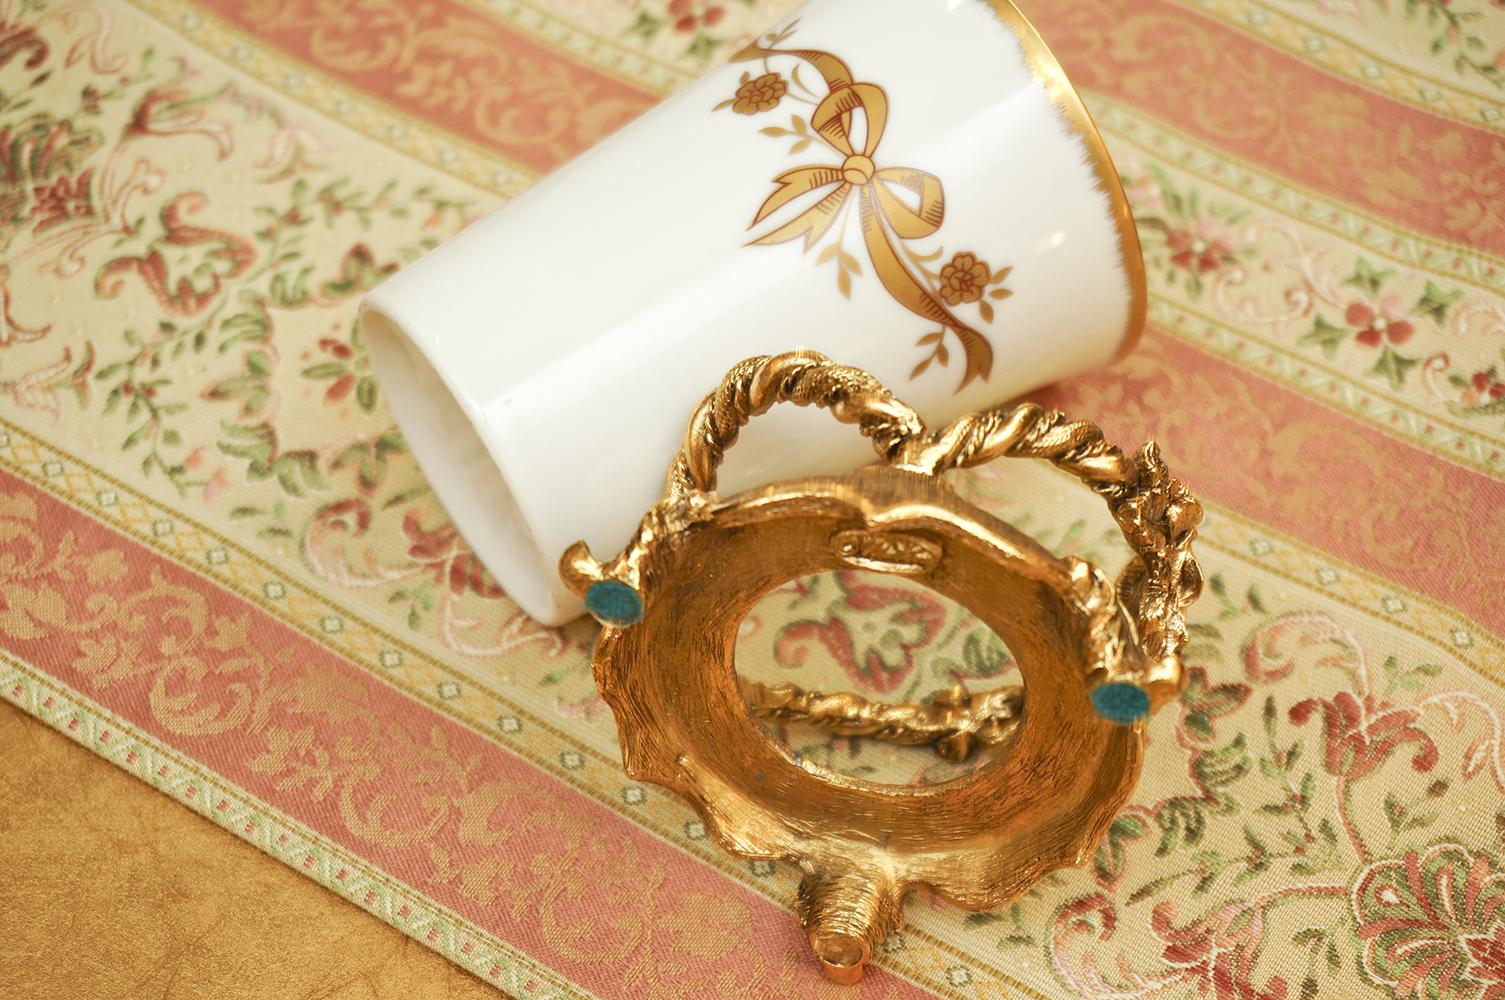 Sold: マトソン製 ゴールド ローズ タンブラーホルダー 裏側